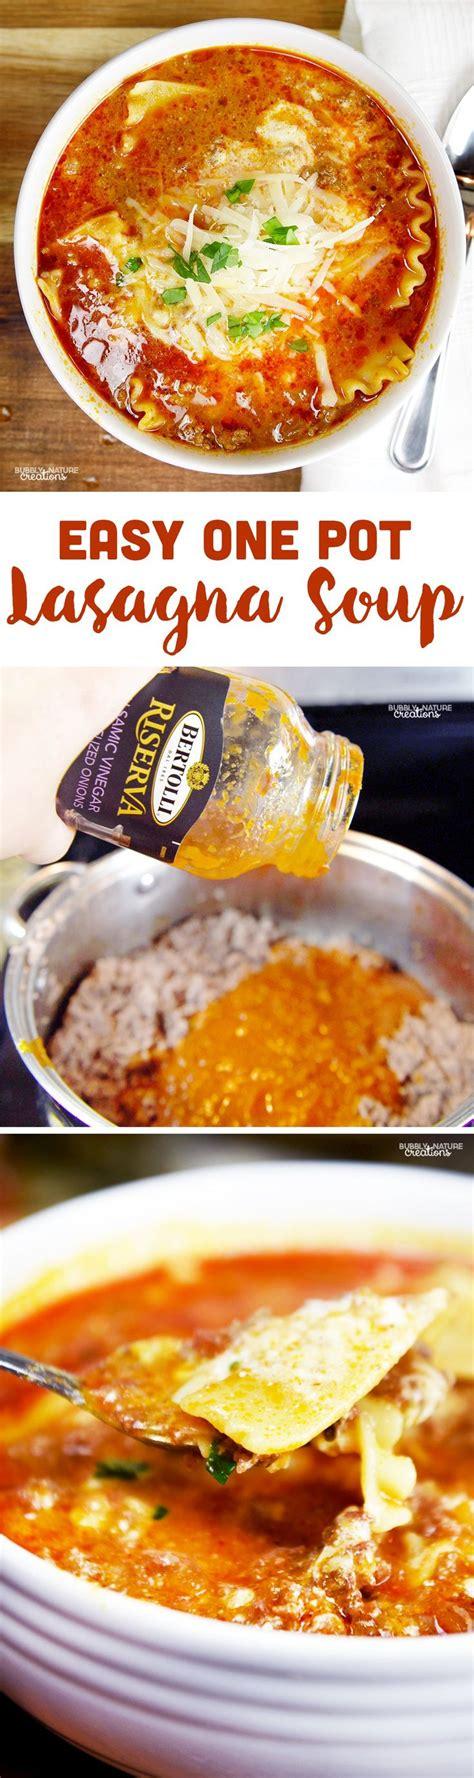 one pot comfort food easy 1 pot lasagna soup recipe lasagna soup comfort